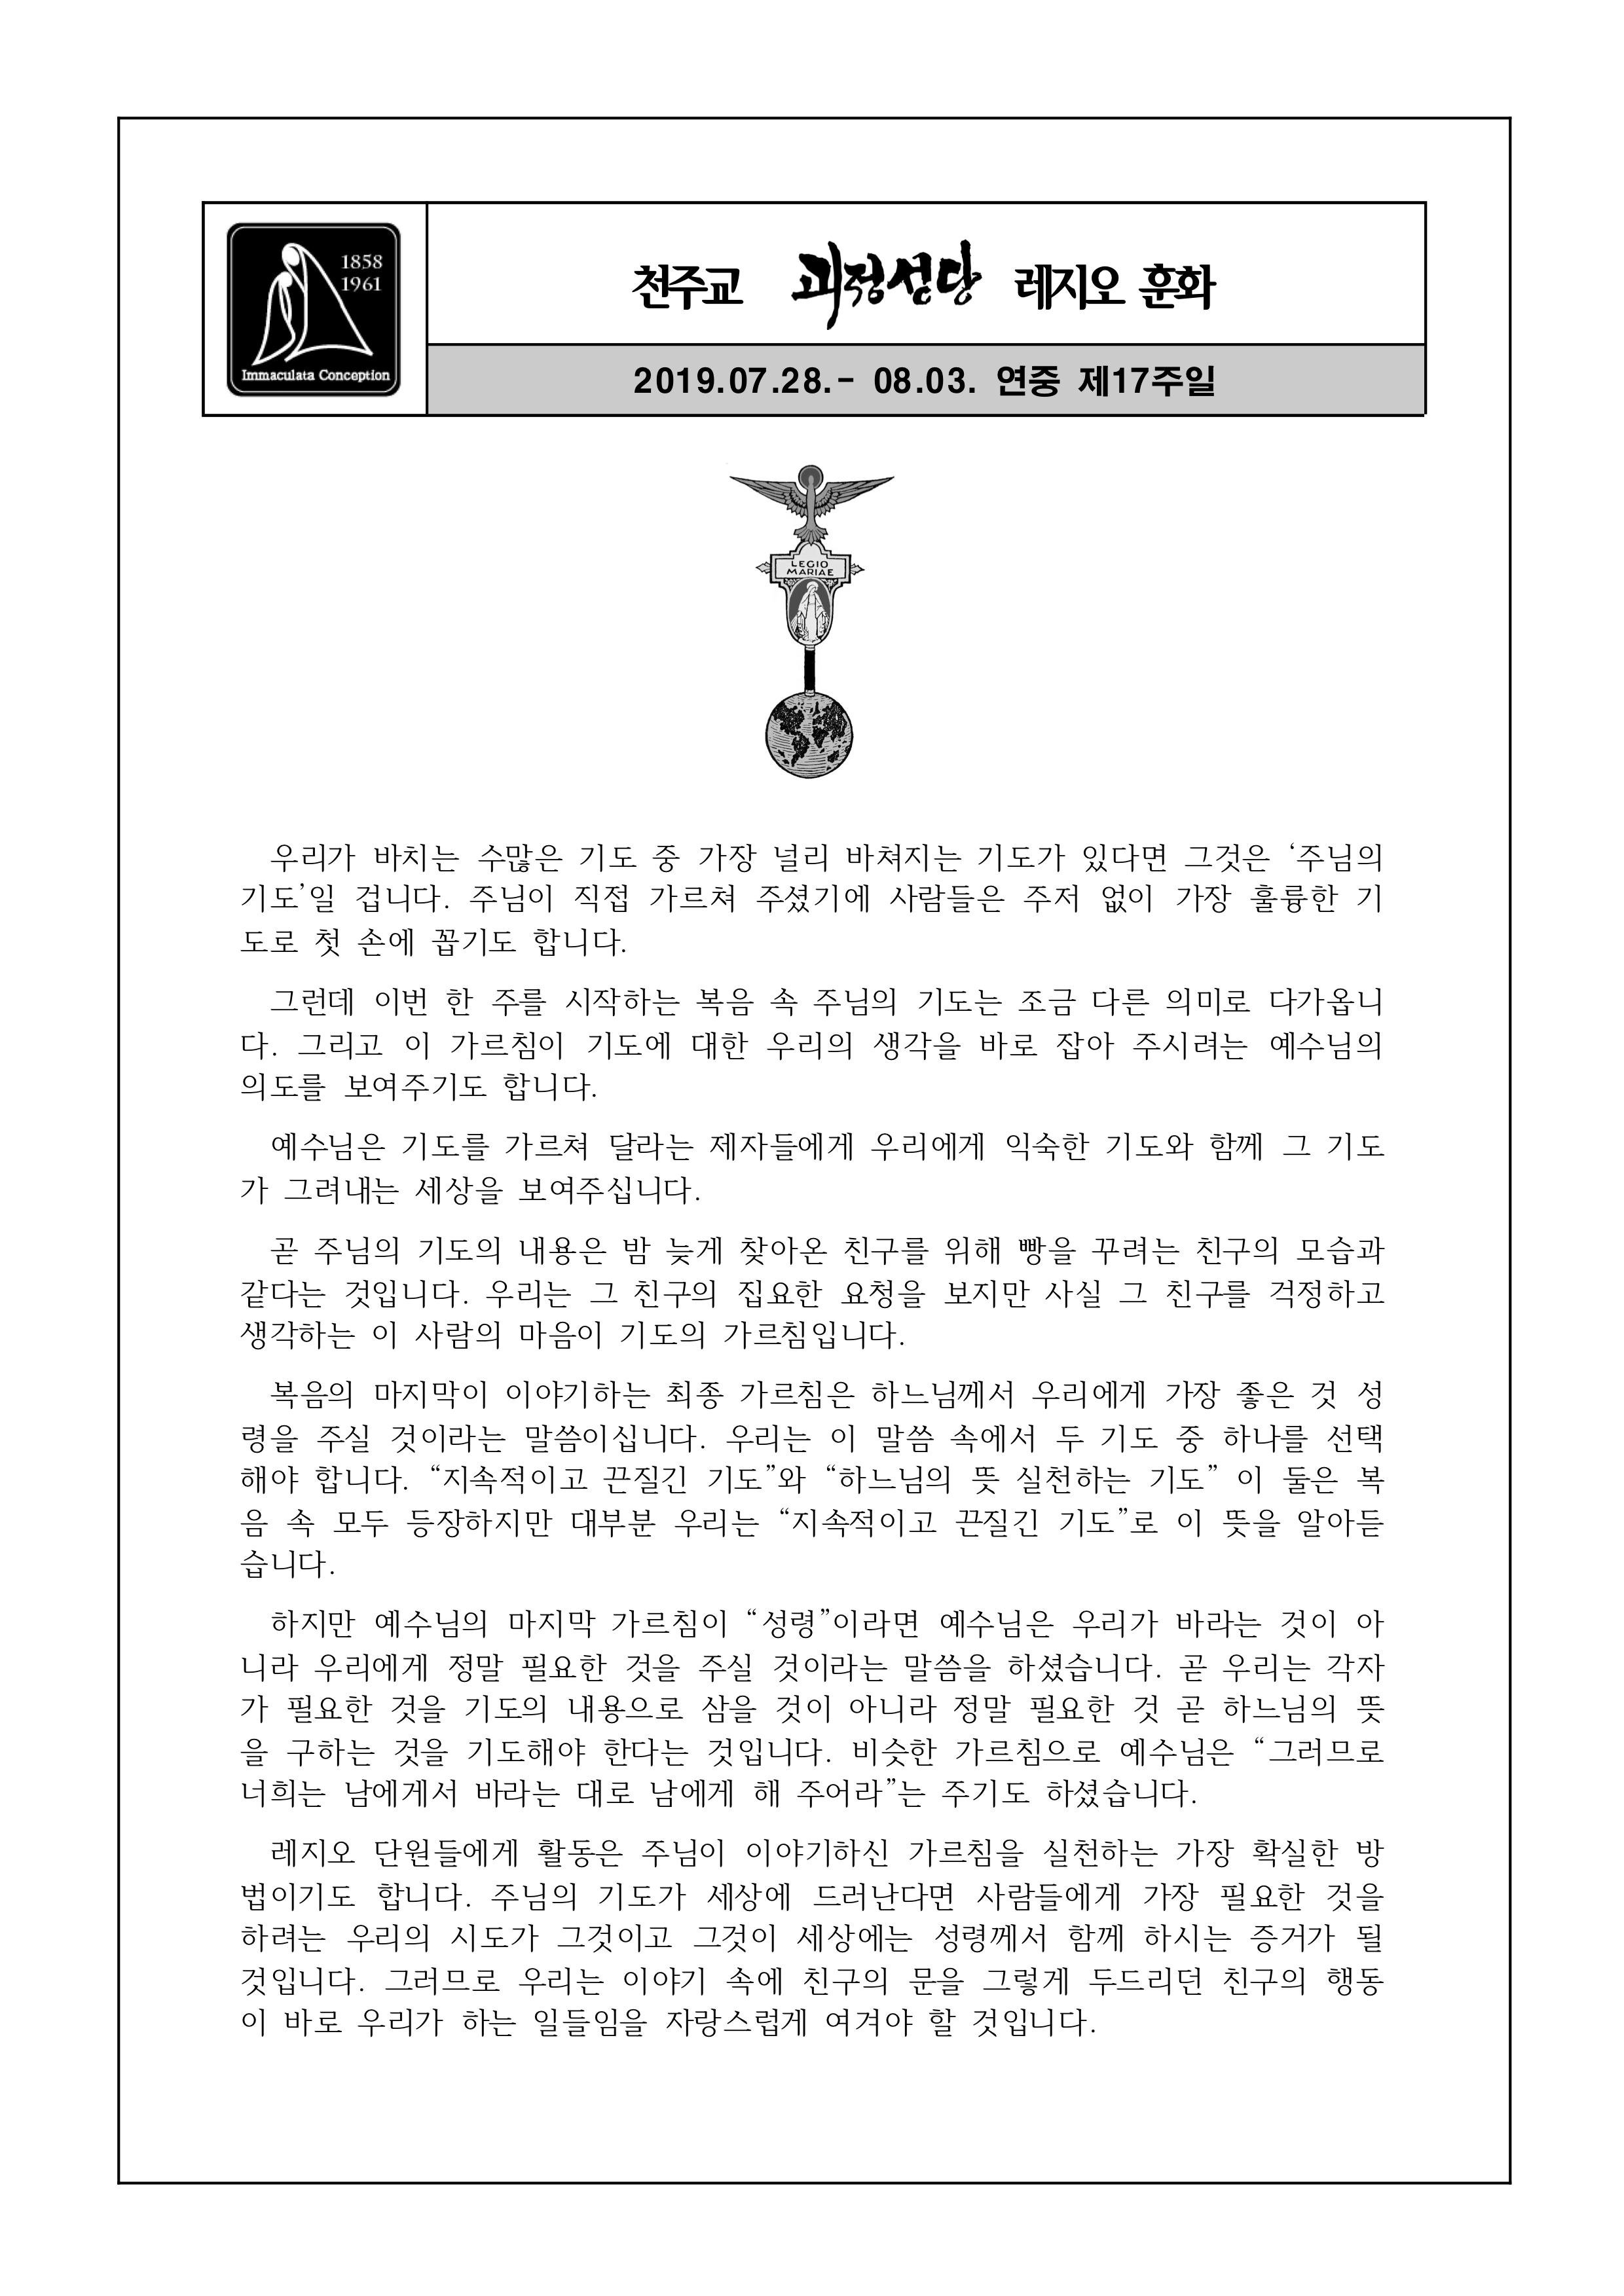 20190728 괴정성당 레지오 훈화.jpg